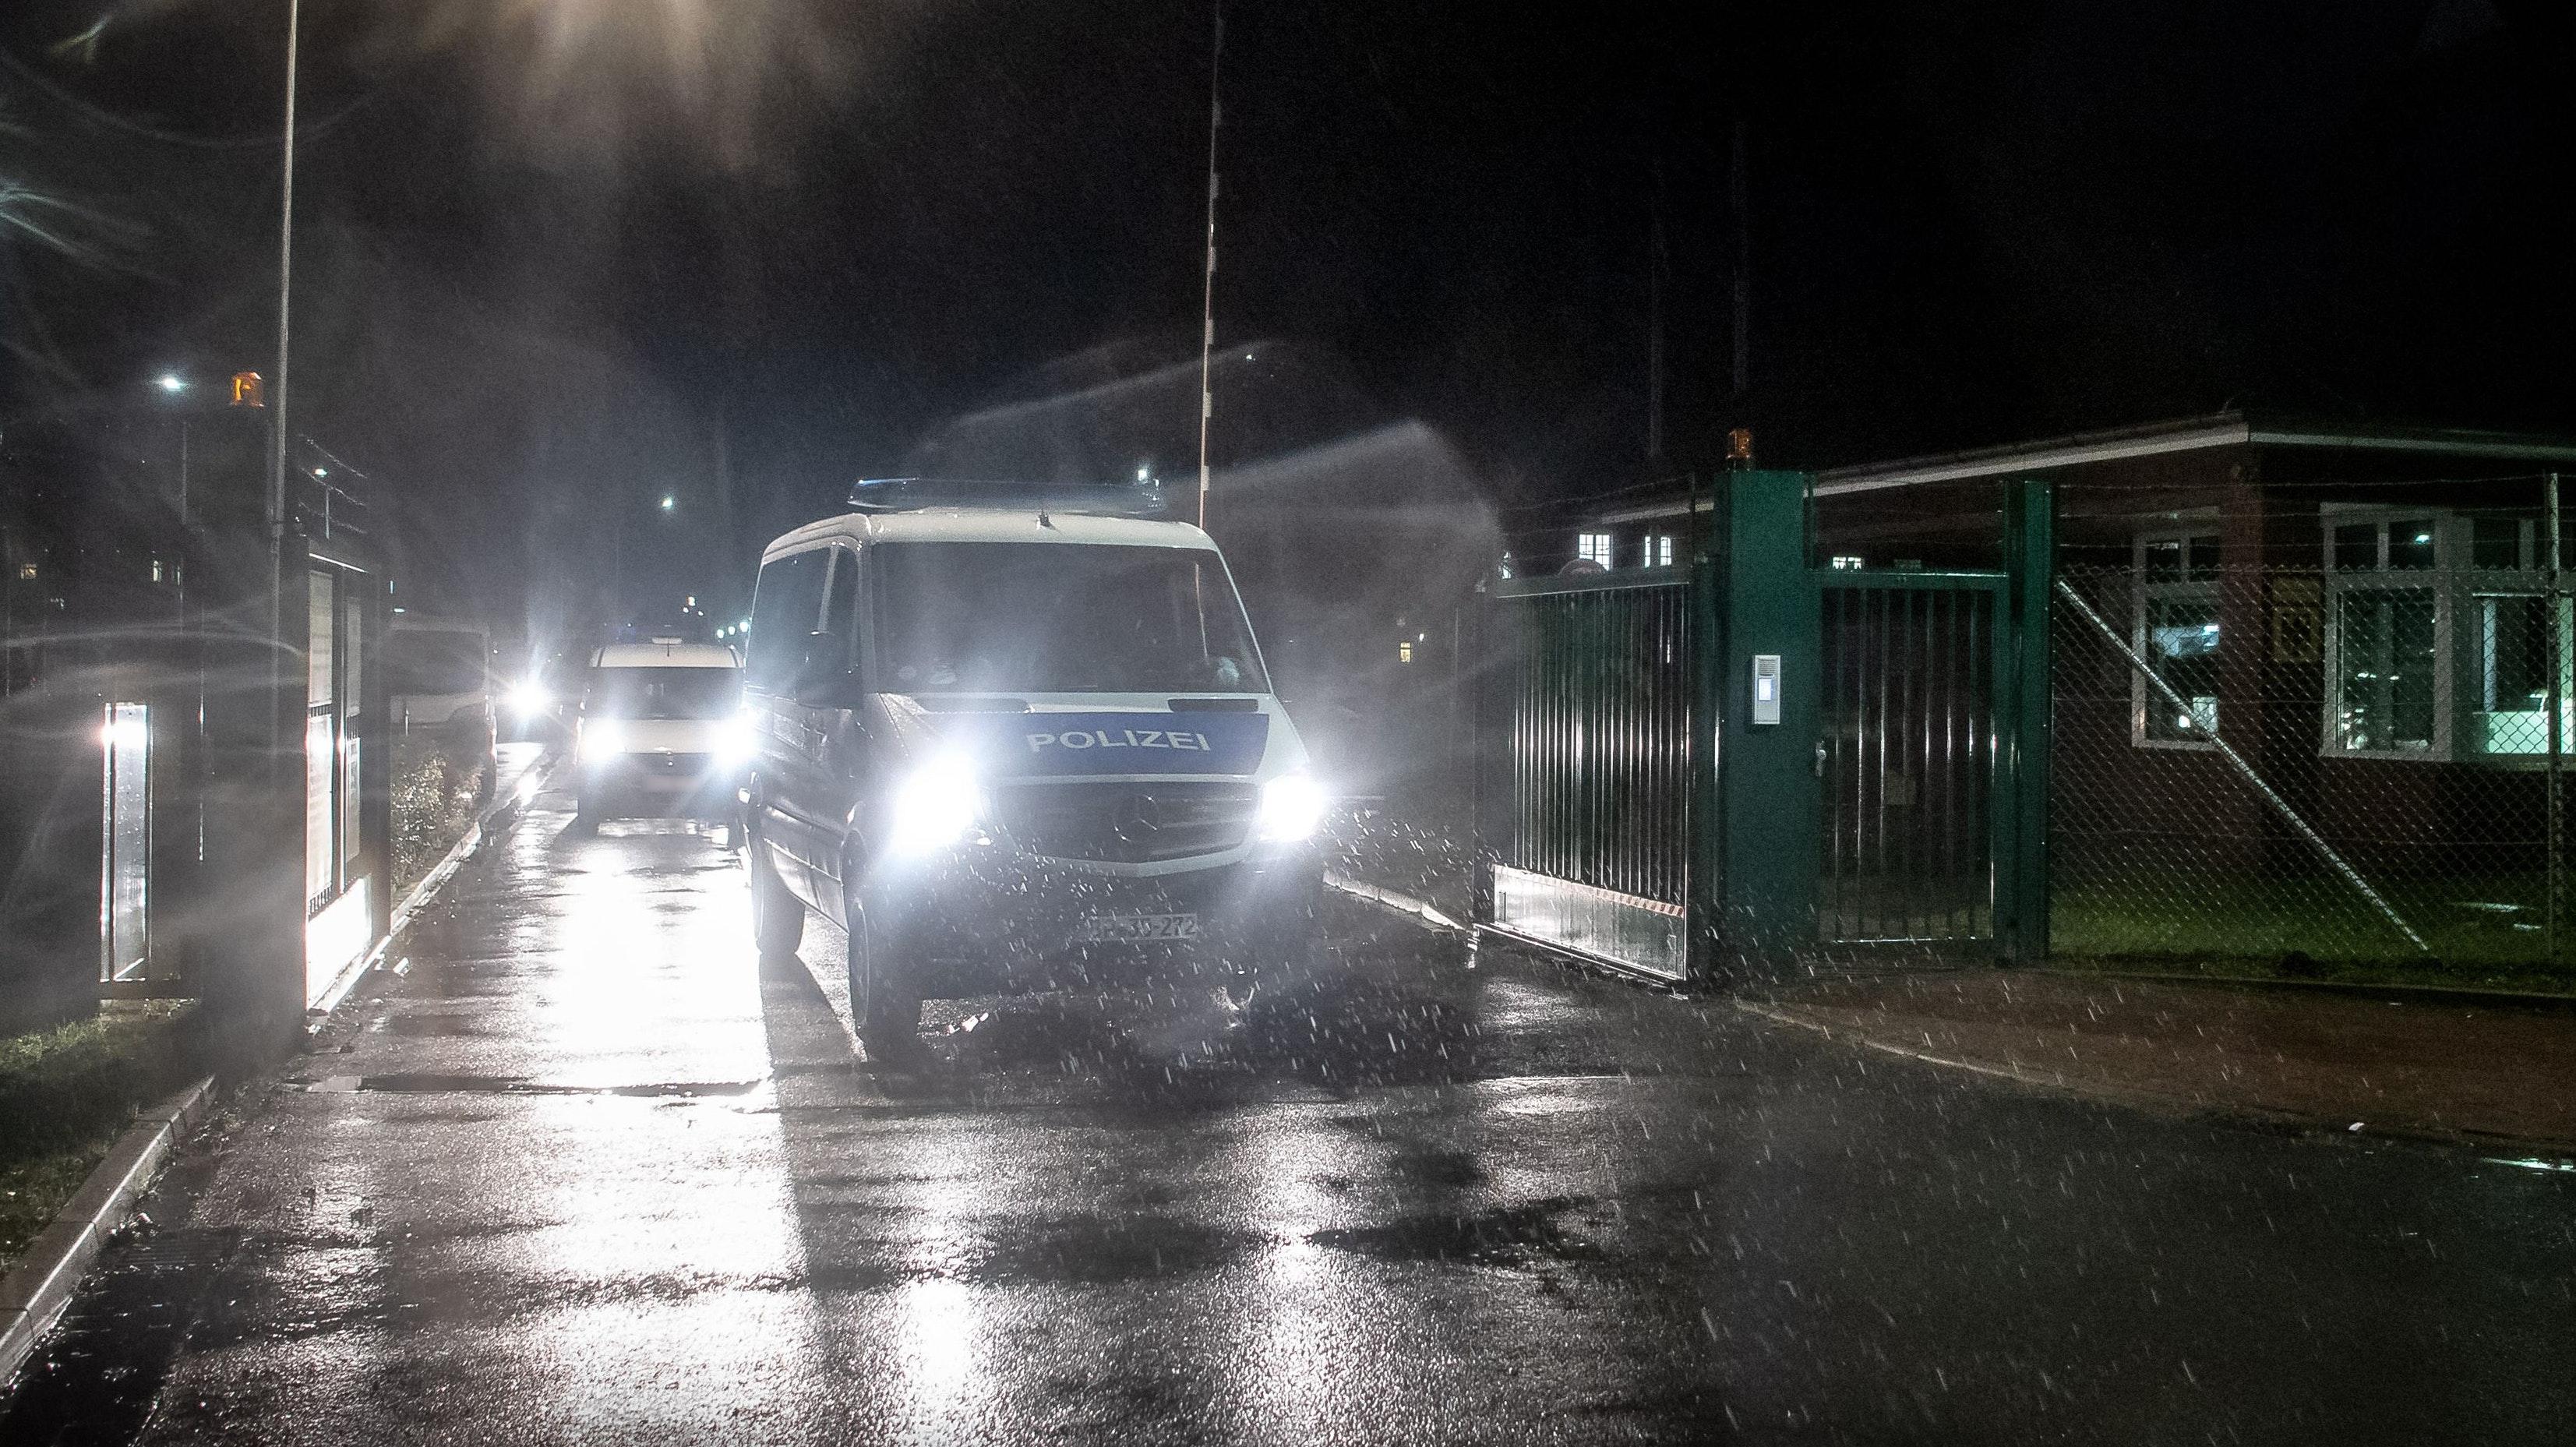 Einsatzfahrzeuge der Polizei begleiten einen Kühltransporter vom Gelände der Artlandkaserne der Bundeswehr. Foto: Sina Schuldt / dpa